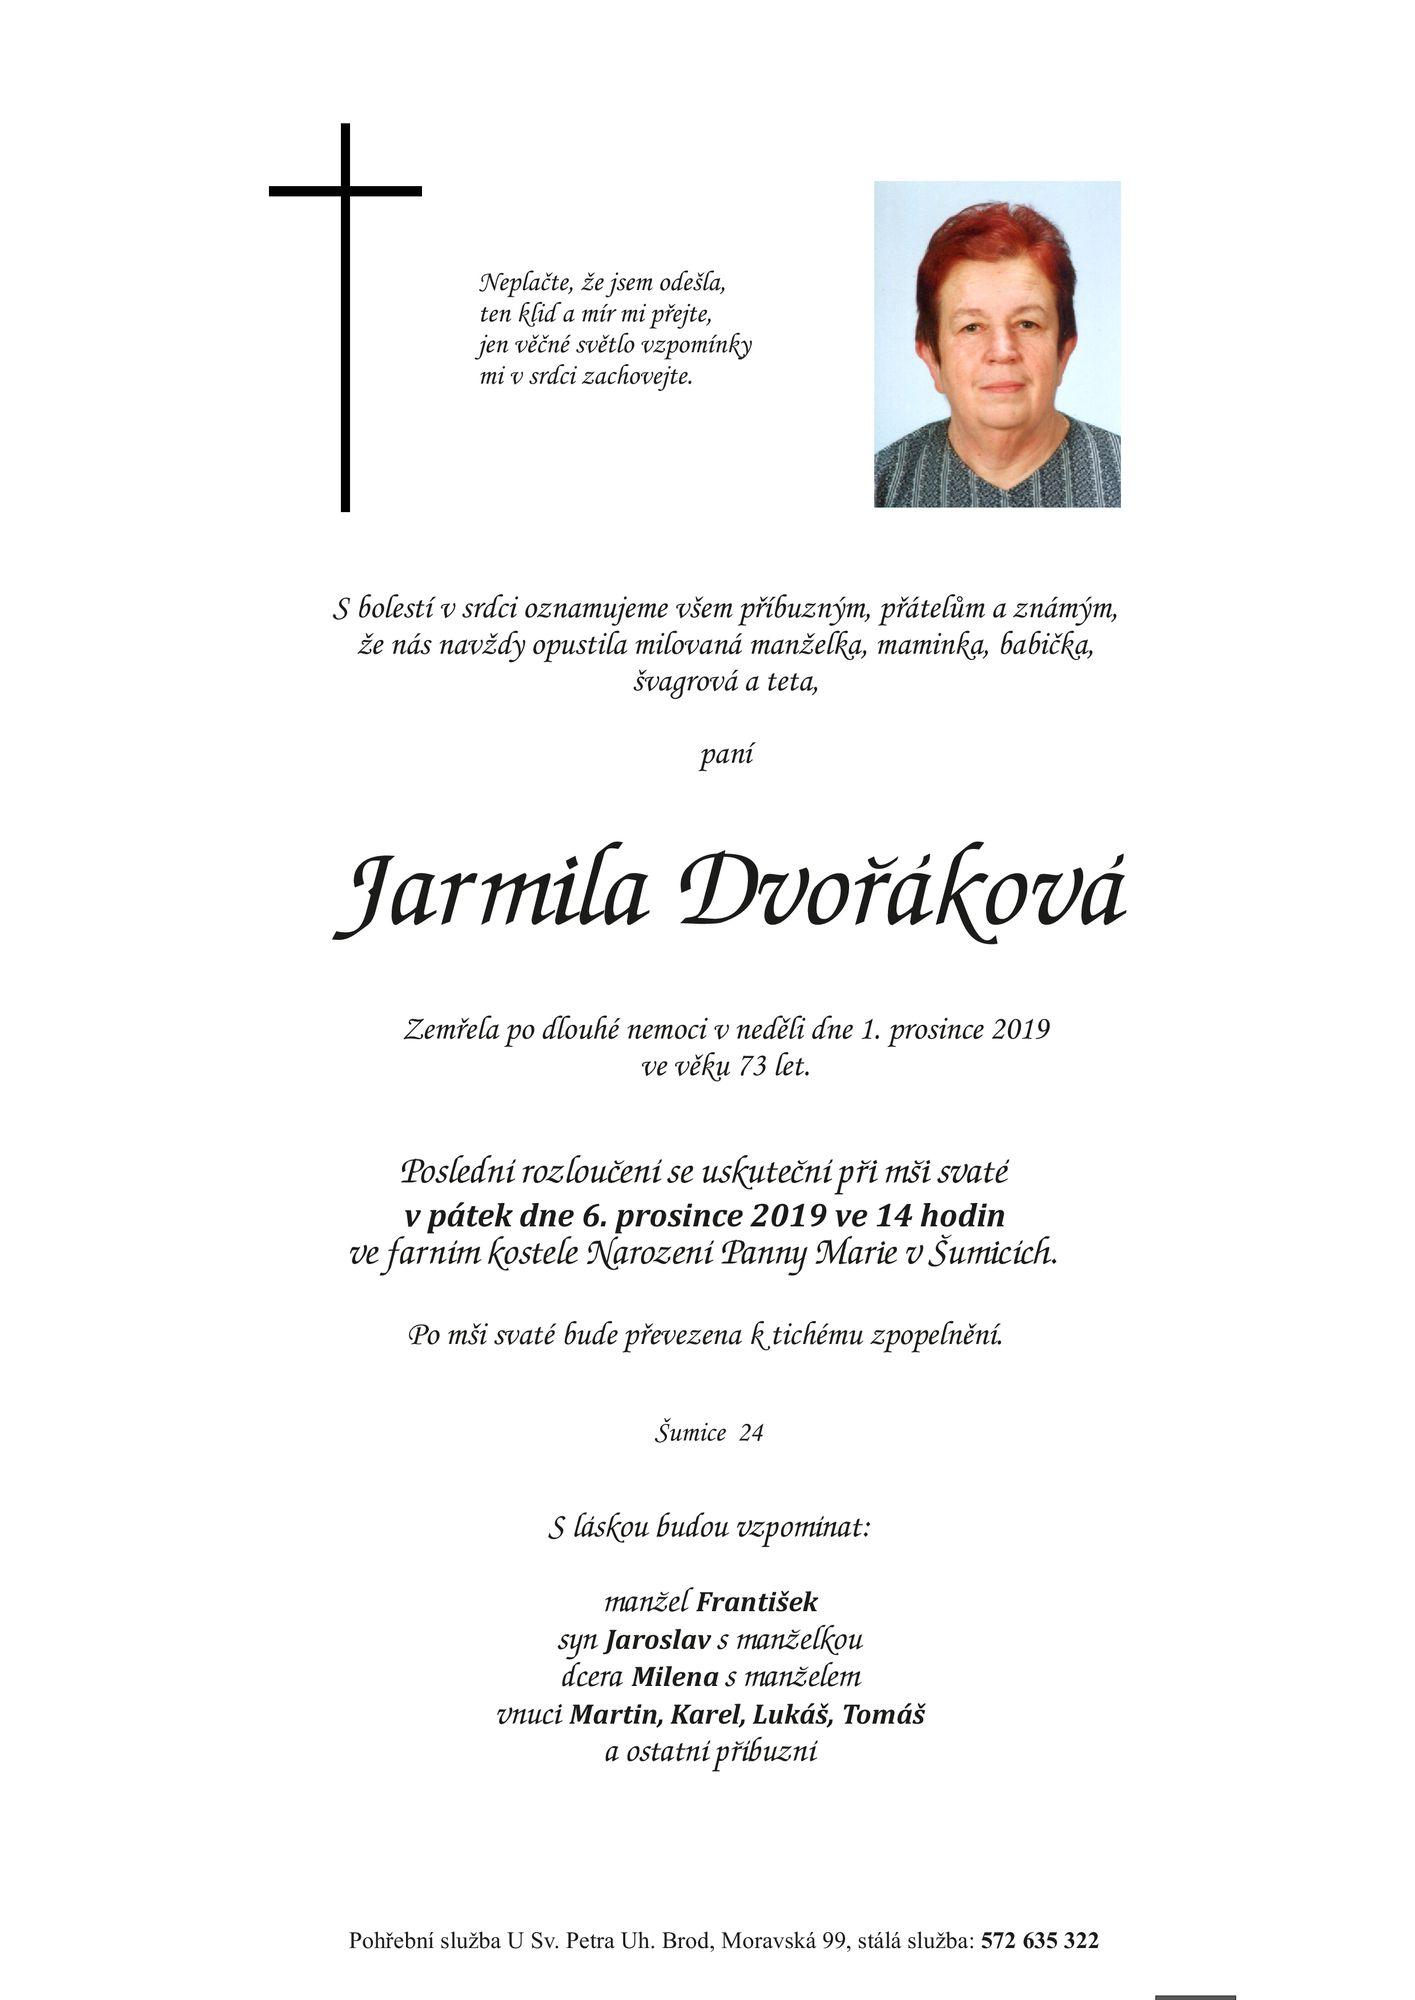 Jarmila Dvořáková